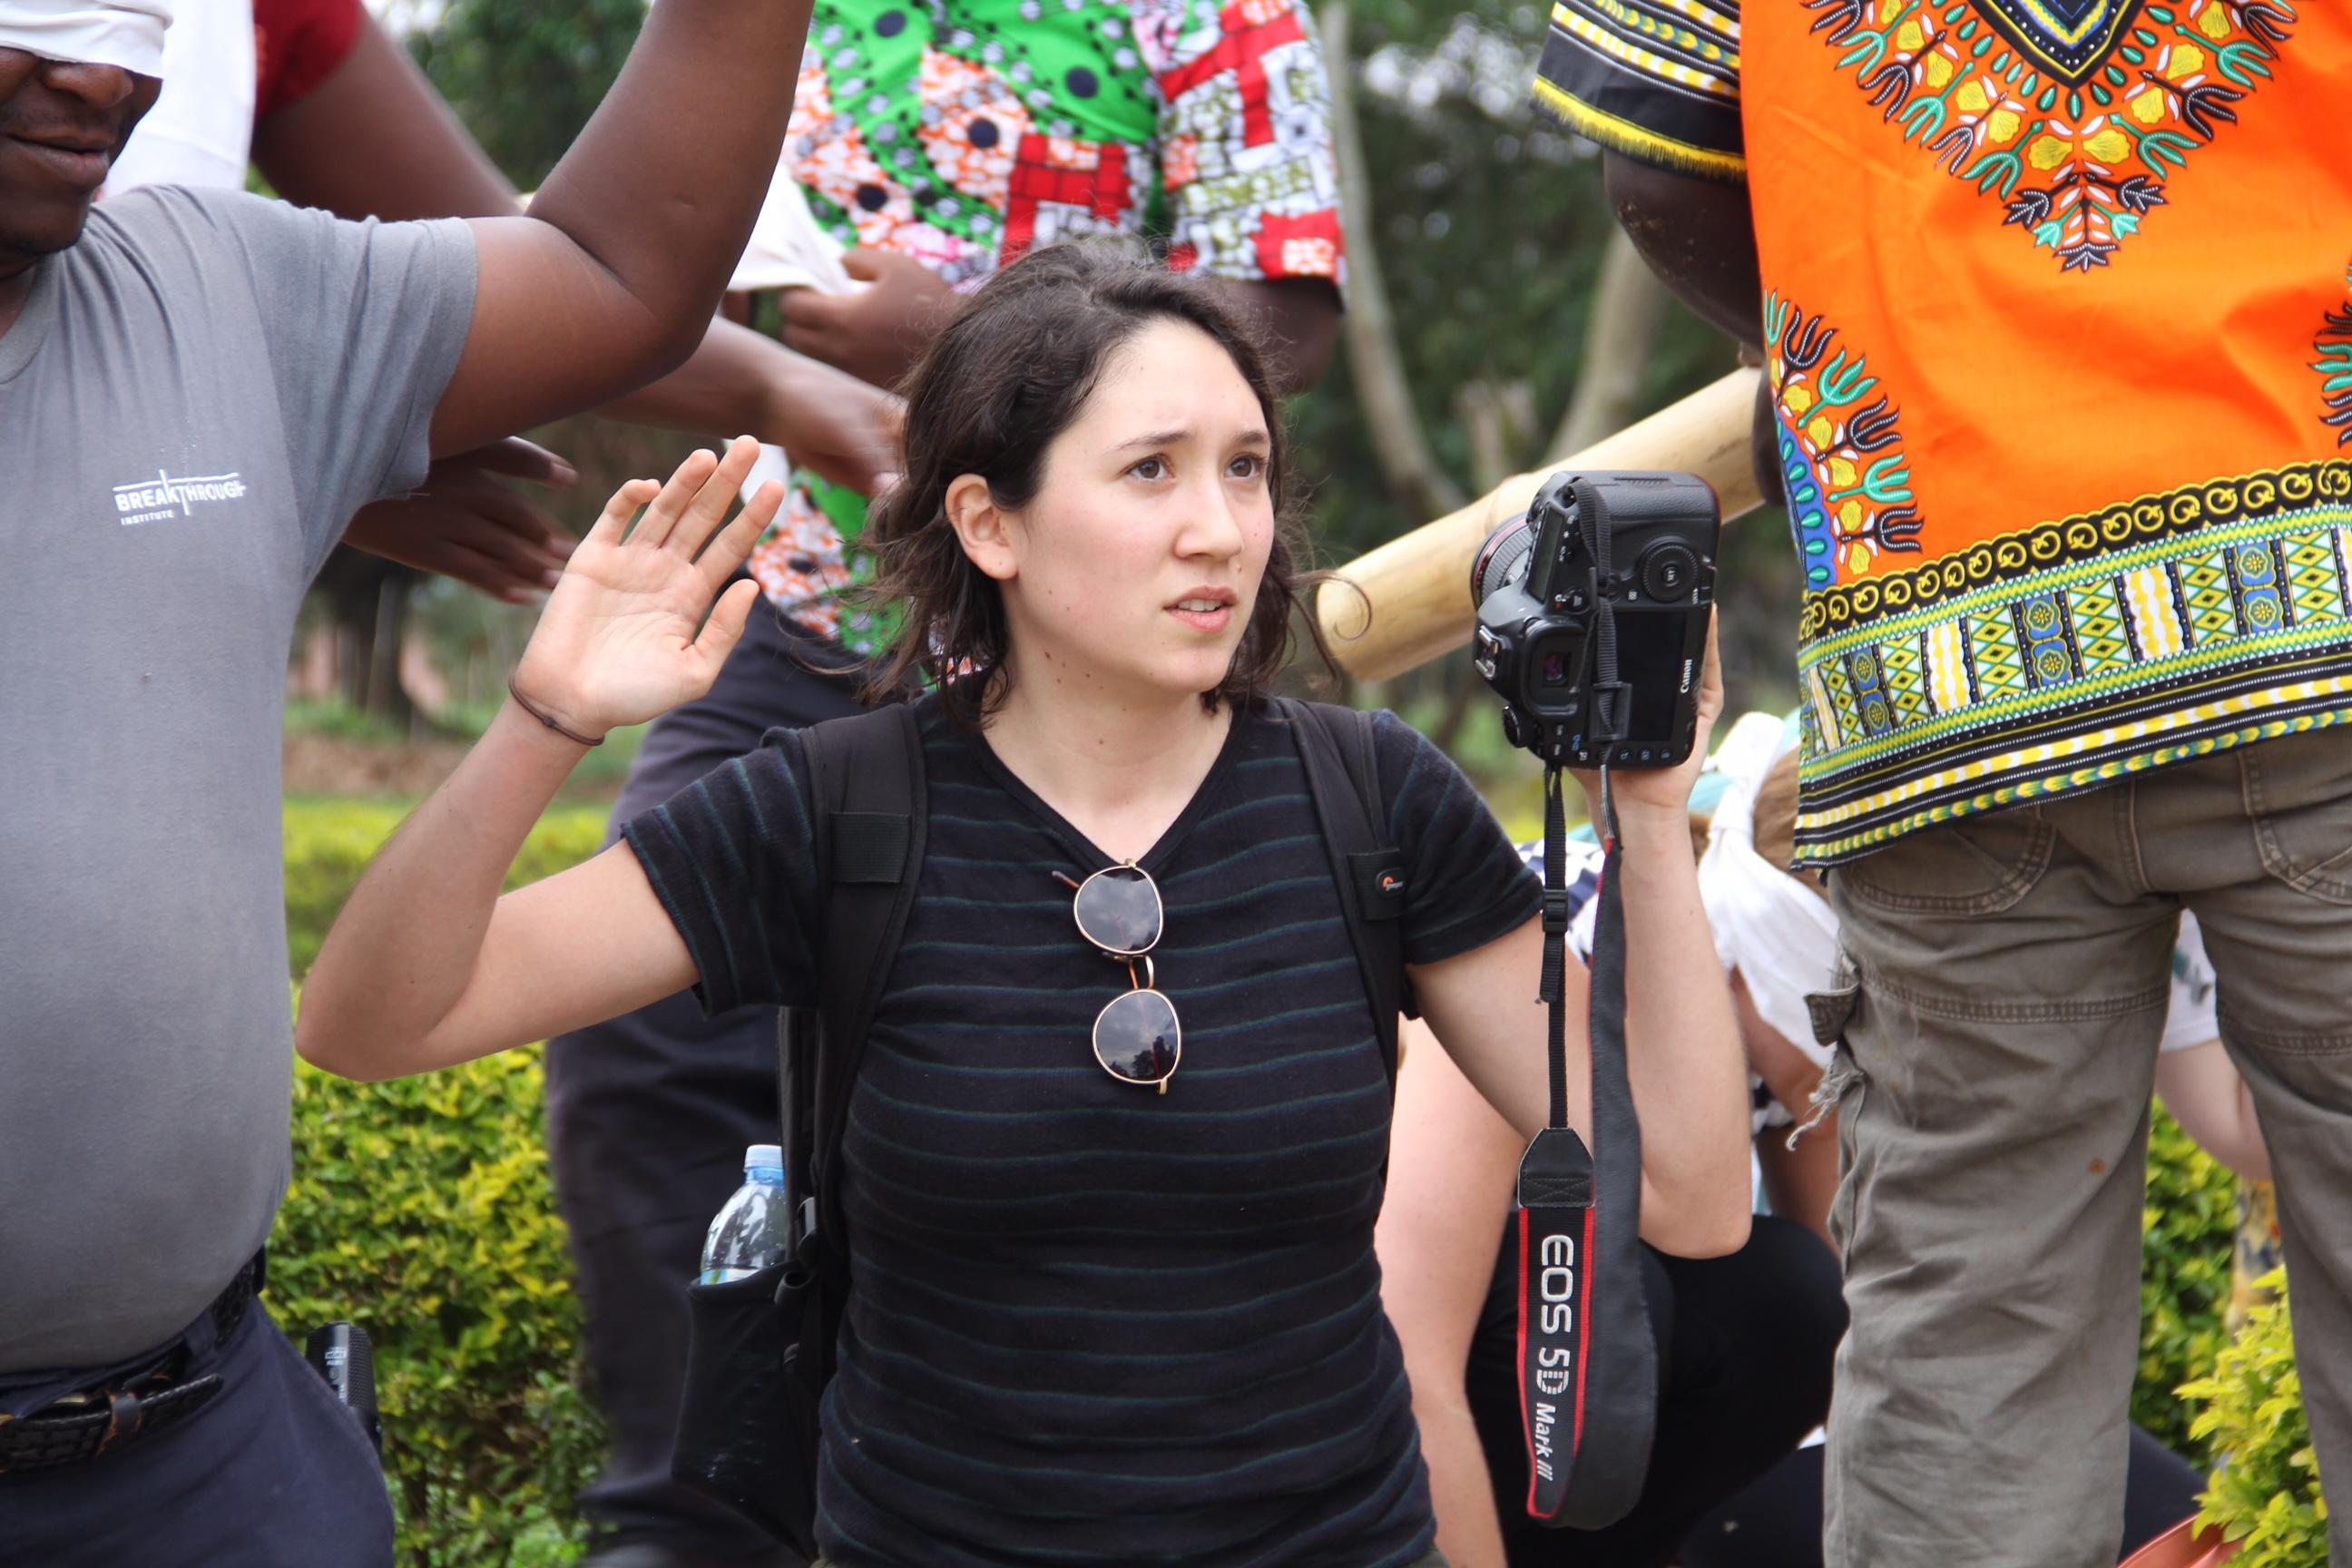 Cassandra Giraldo, reporter membre de la Fondation internationale des femmes dans les médias, participe à une fausse prise d'otage lors d'une formation à la sécurité en Ouganda. (Katie Moore)